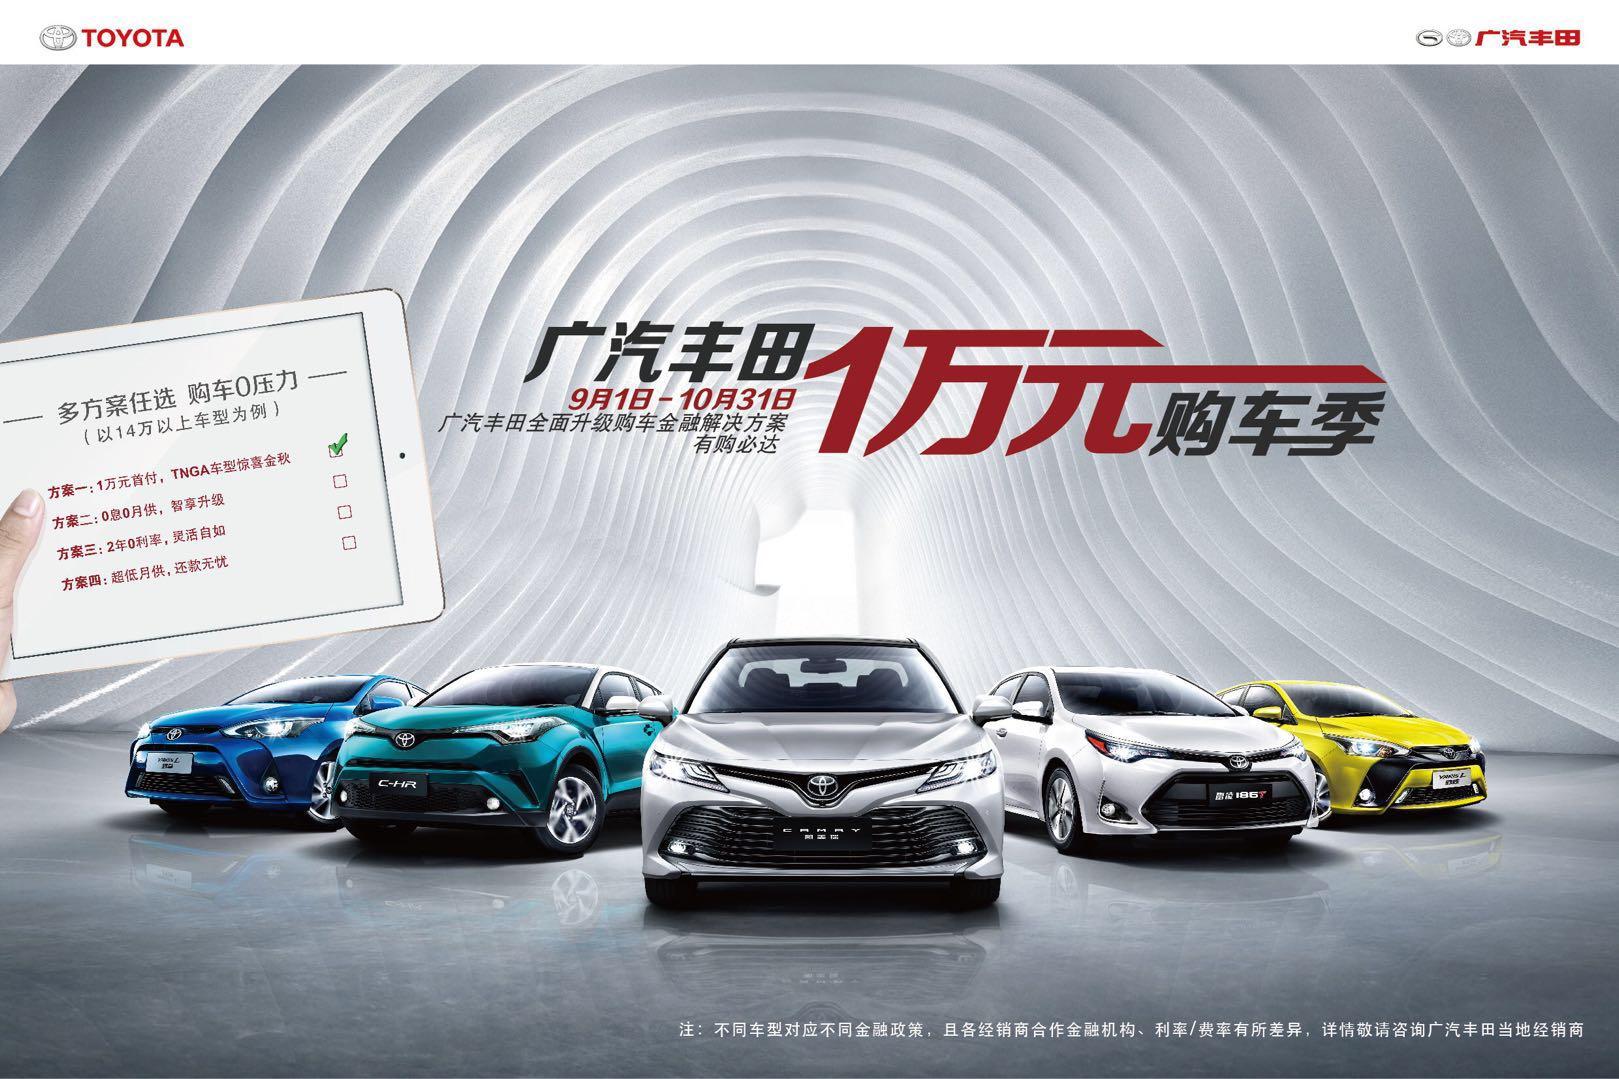 广汽丰田秋季大放送今日最后一天 您来了吗?